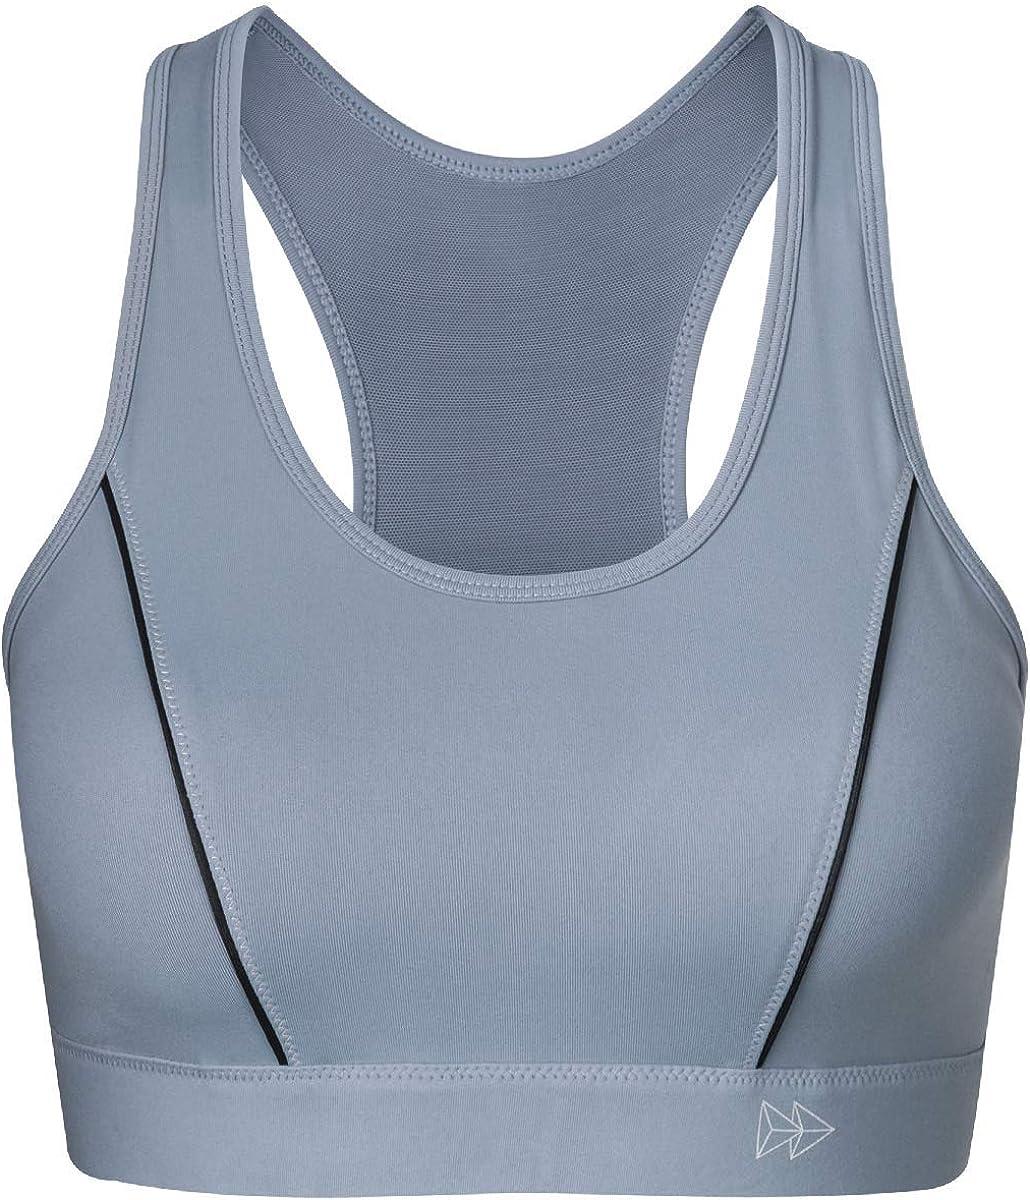 Yvette Soutien-Gorge de Sport pour Femmes Tenue Forte Fermeture Avant sans Armature Dos Nageur Non rembourr/é pour Le Yoga Fitness Jogging